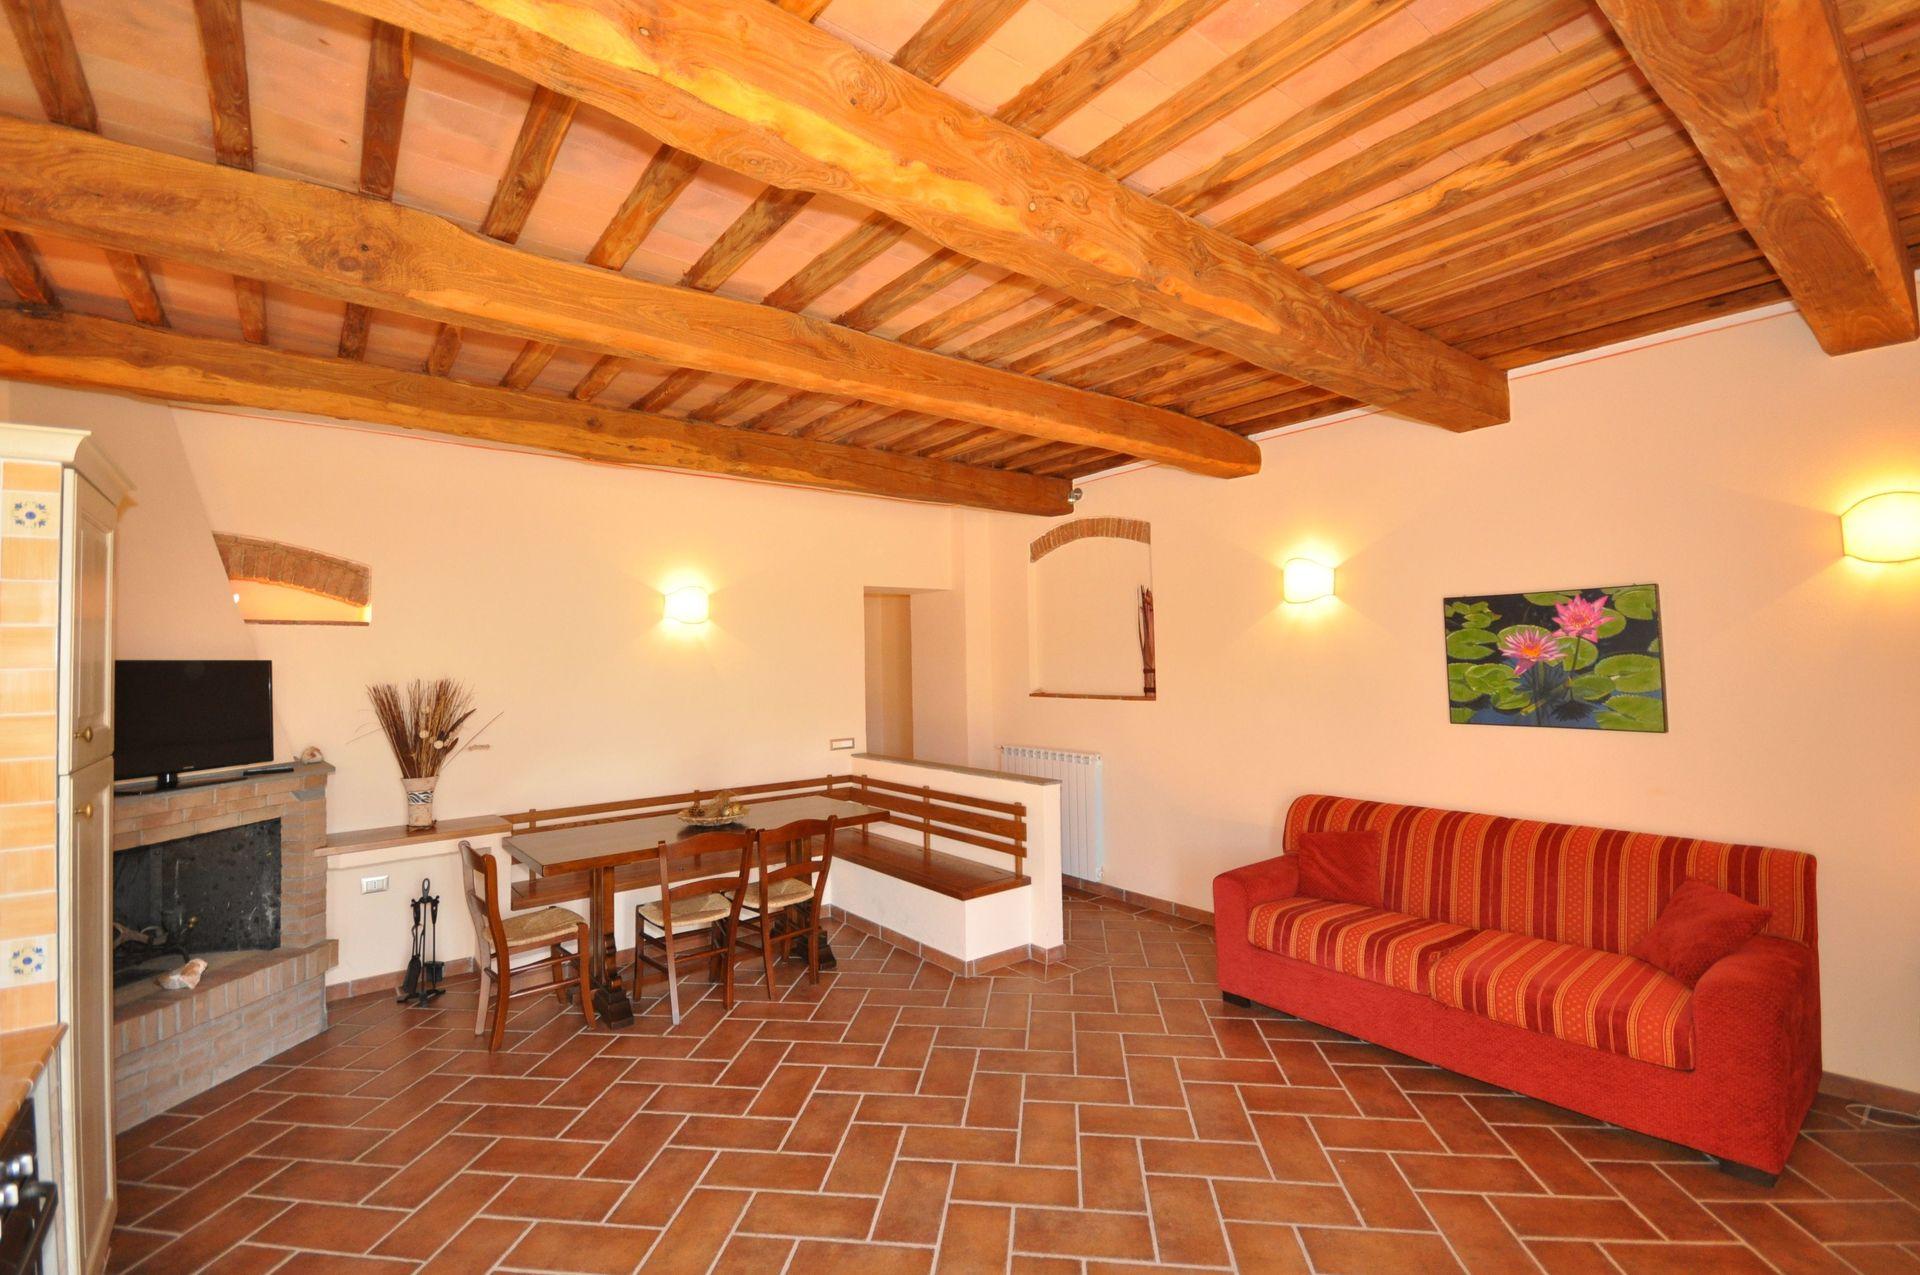 Talamone 2 posti letto 4 in 1 camere casa vacanza a talamone toscana italia - Camere posti letto ...